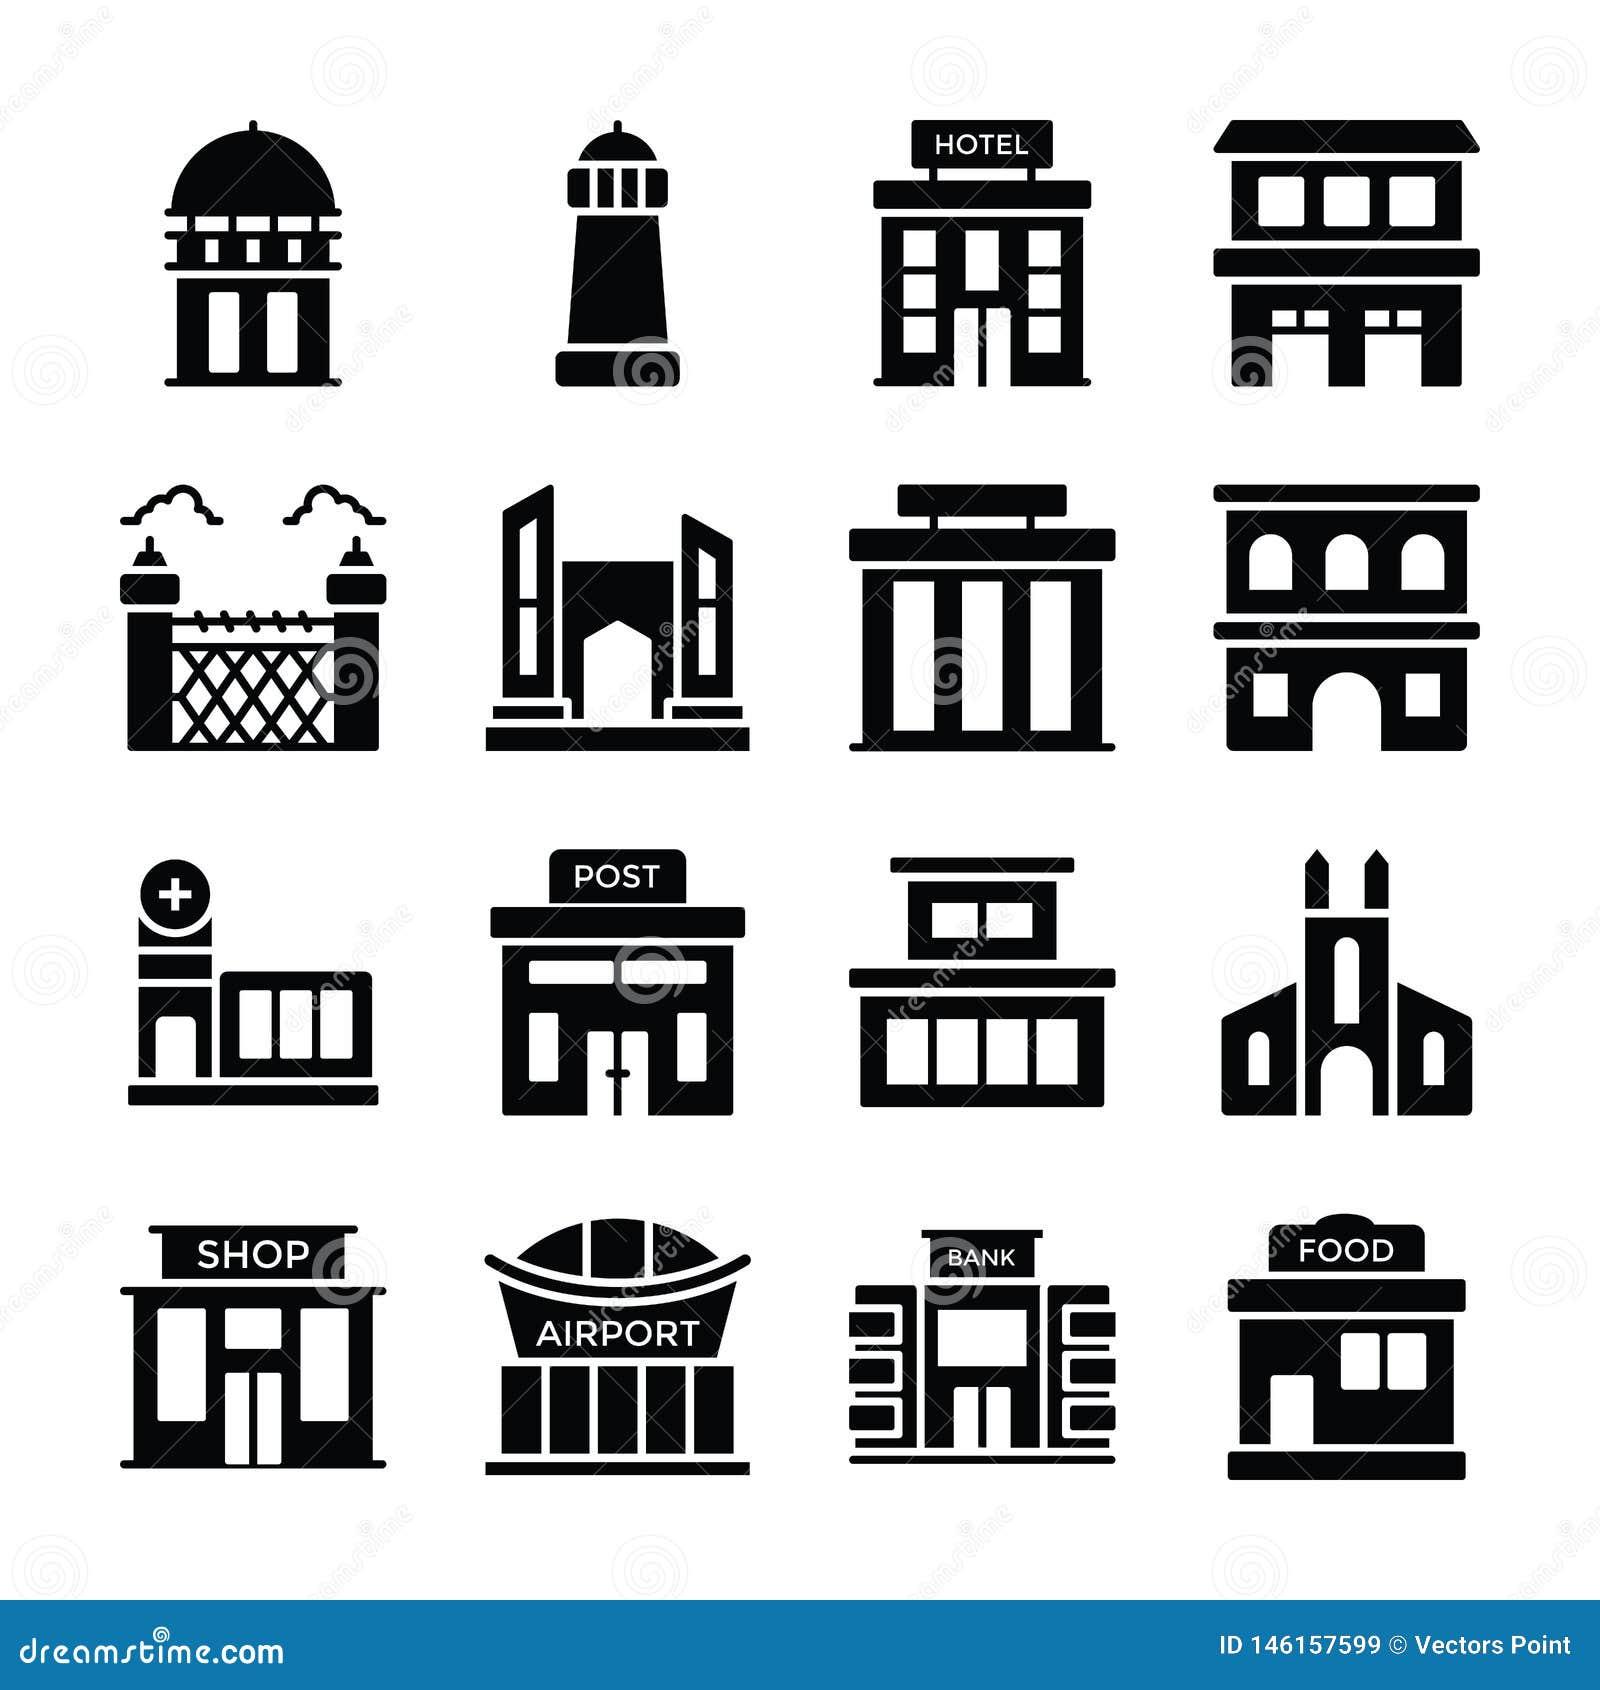 Maison de dépôt, banque, institut financier, villa, hutte, maison, hôtel de ville, maison moderne, ferme, entrepôt, appartements,